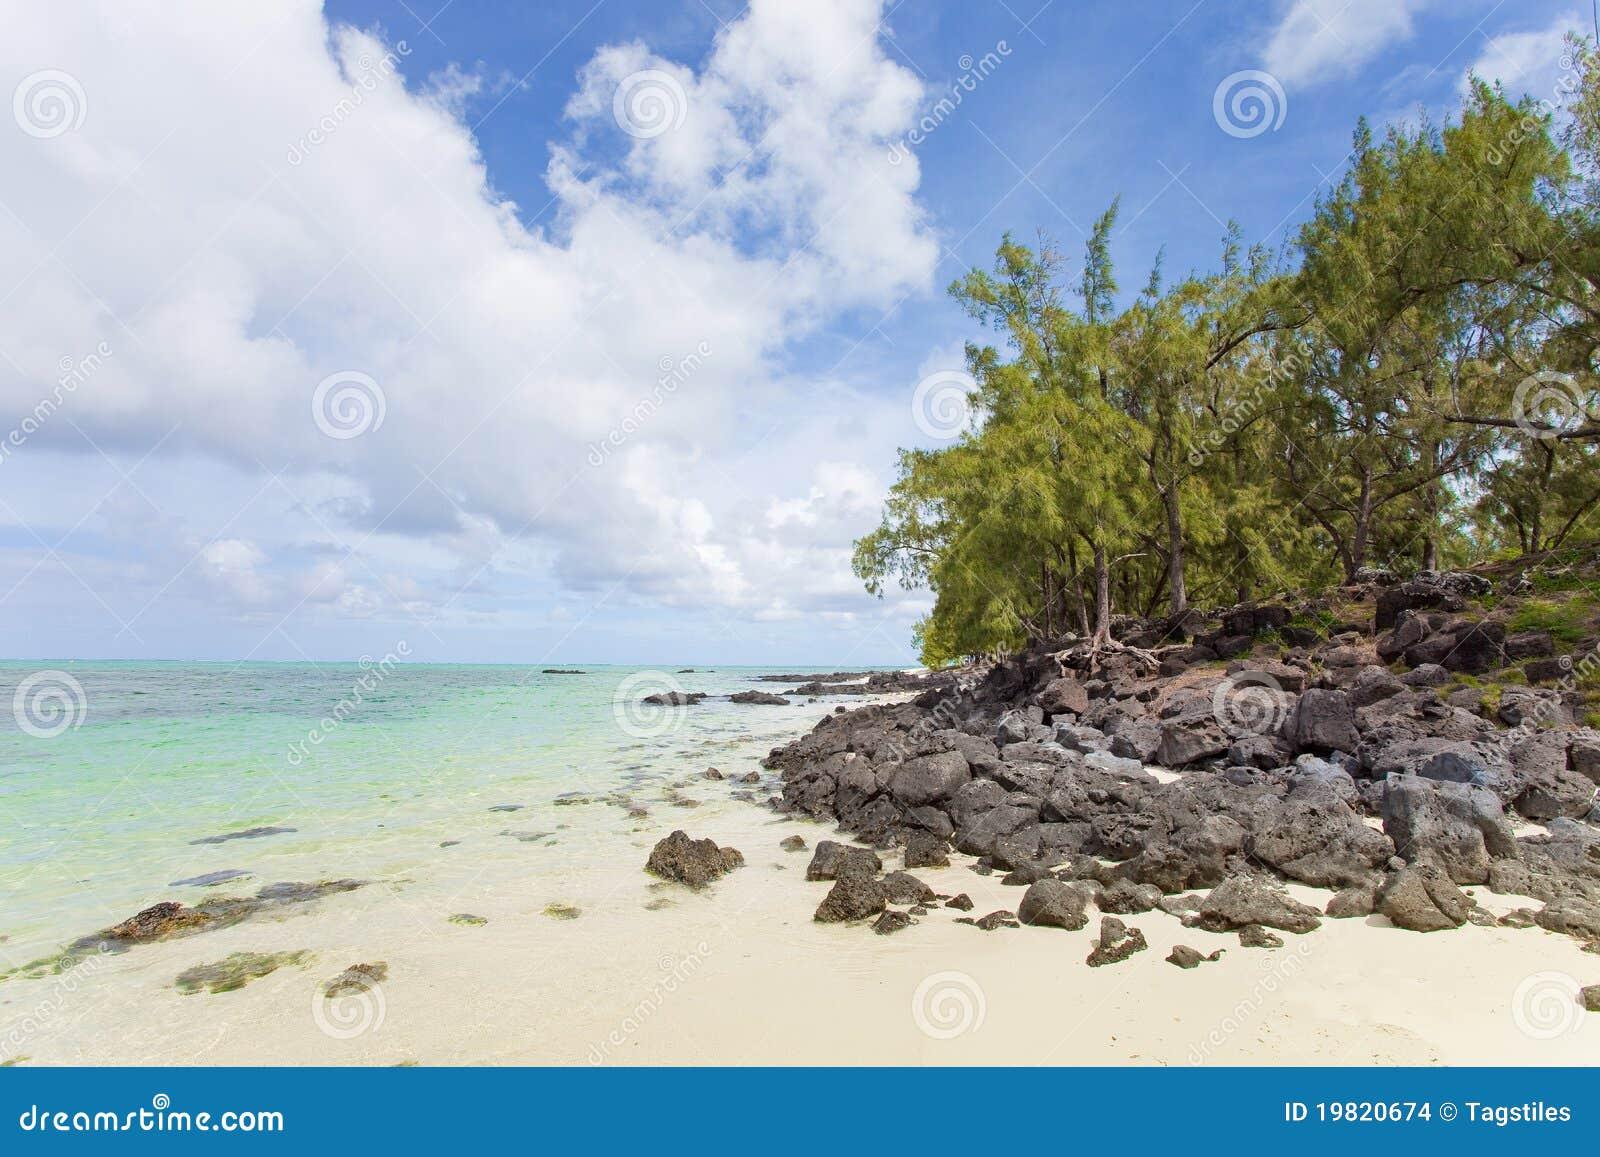 Download Mauritius stockfoto. Bild von strand, paradisaical, wolken - 19820674